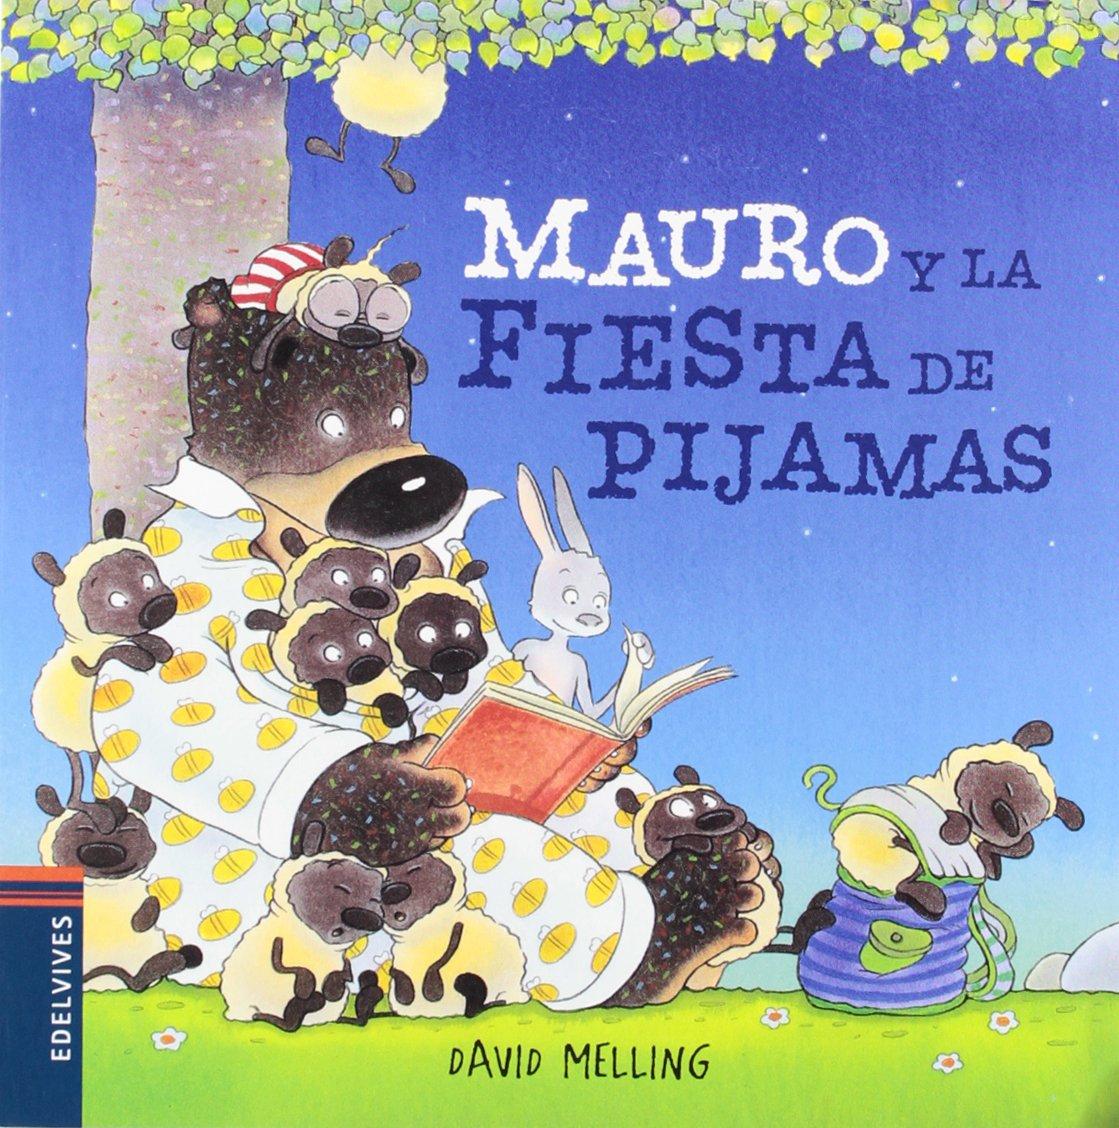 Mauro y la fiesta de pijamas (Osito Mauro): Amazon.es: David Melling, Elena Gallo Krahe: Libros